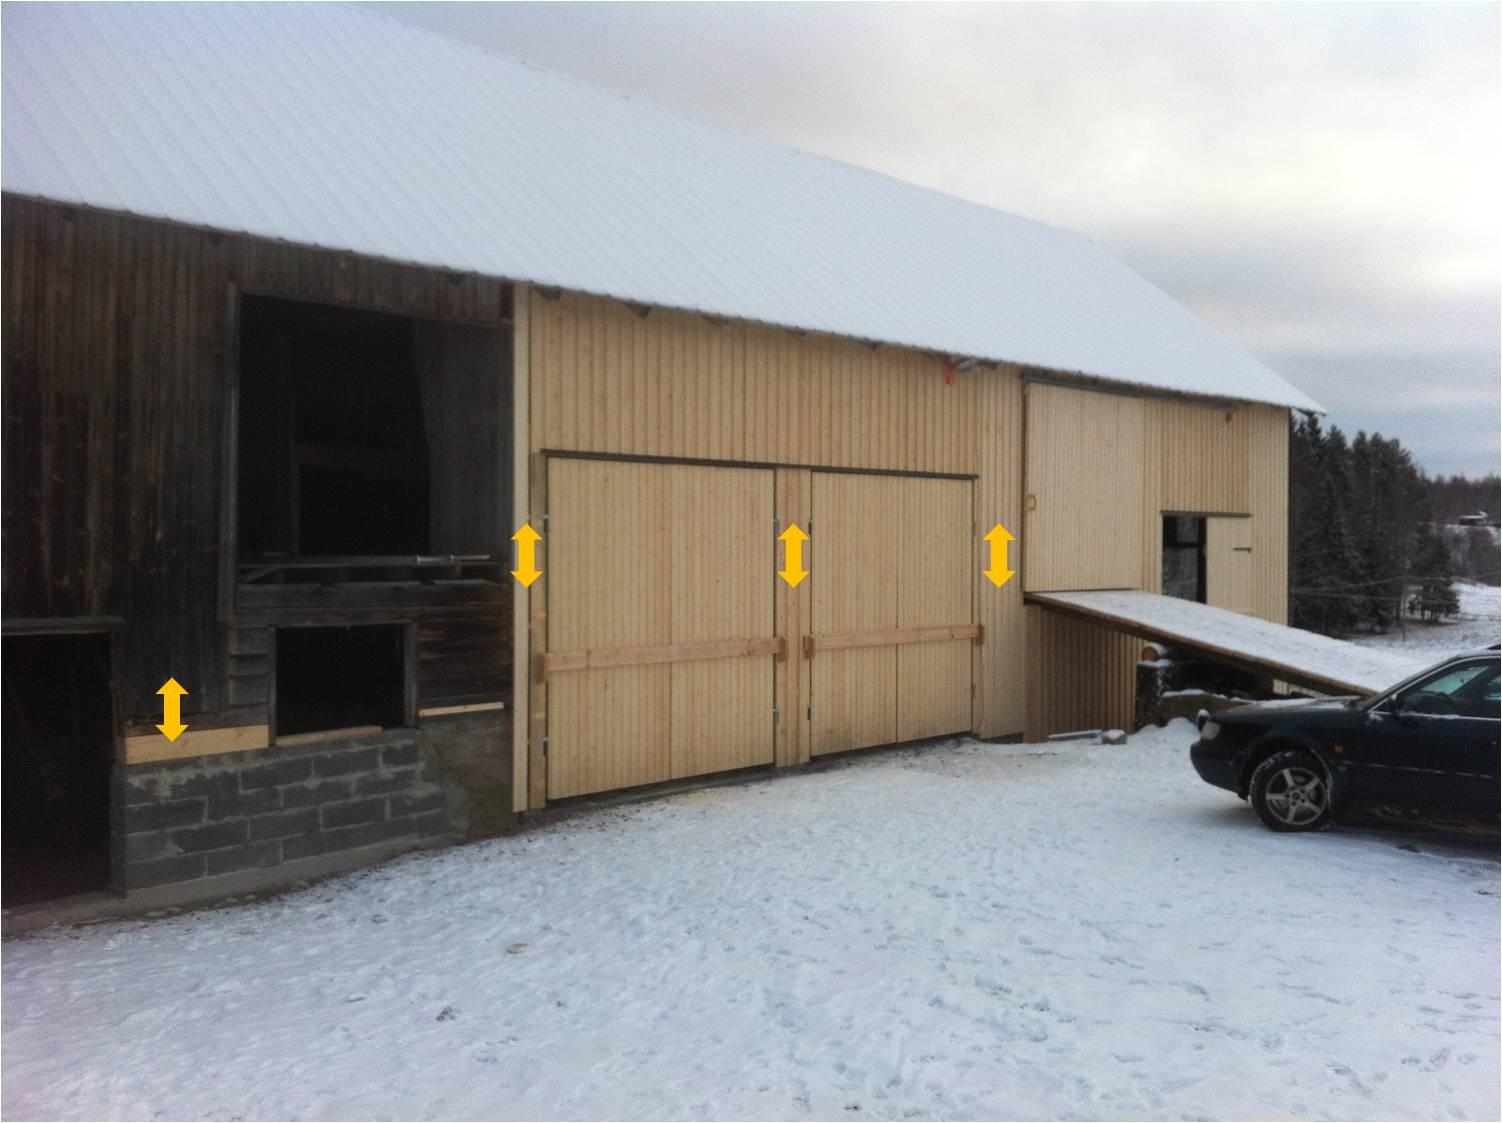 Villa Nystuga - Vårt lågenergihus på landet: Fasadbelysning : fasadbelysning : Inredning